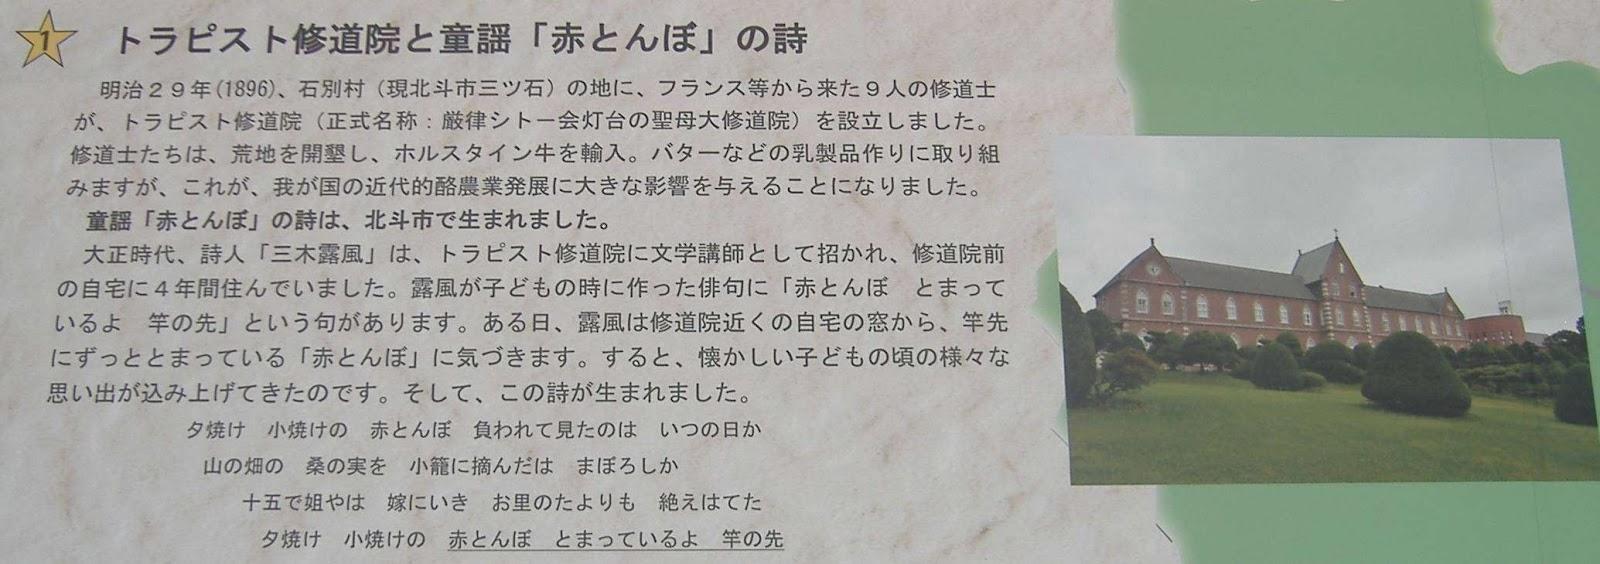 JR新函館北斗駅イベントスペース,三木露風の童謡「赤とんぼ」ゆかりの地の解説